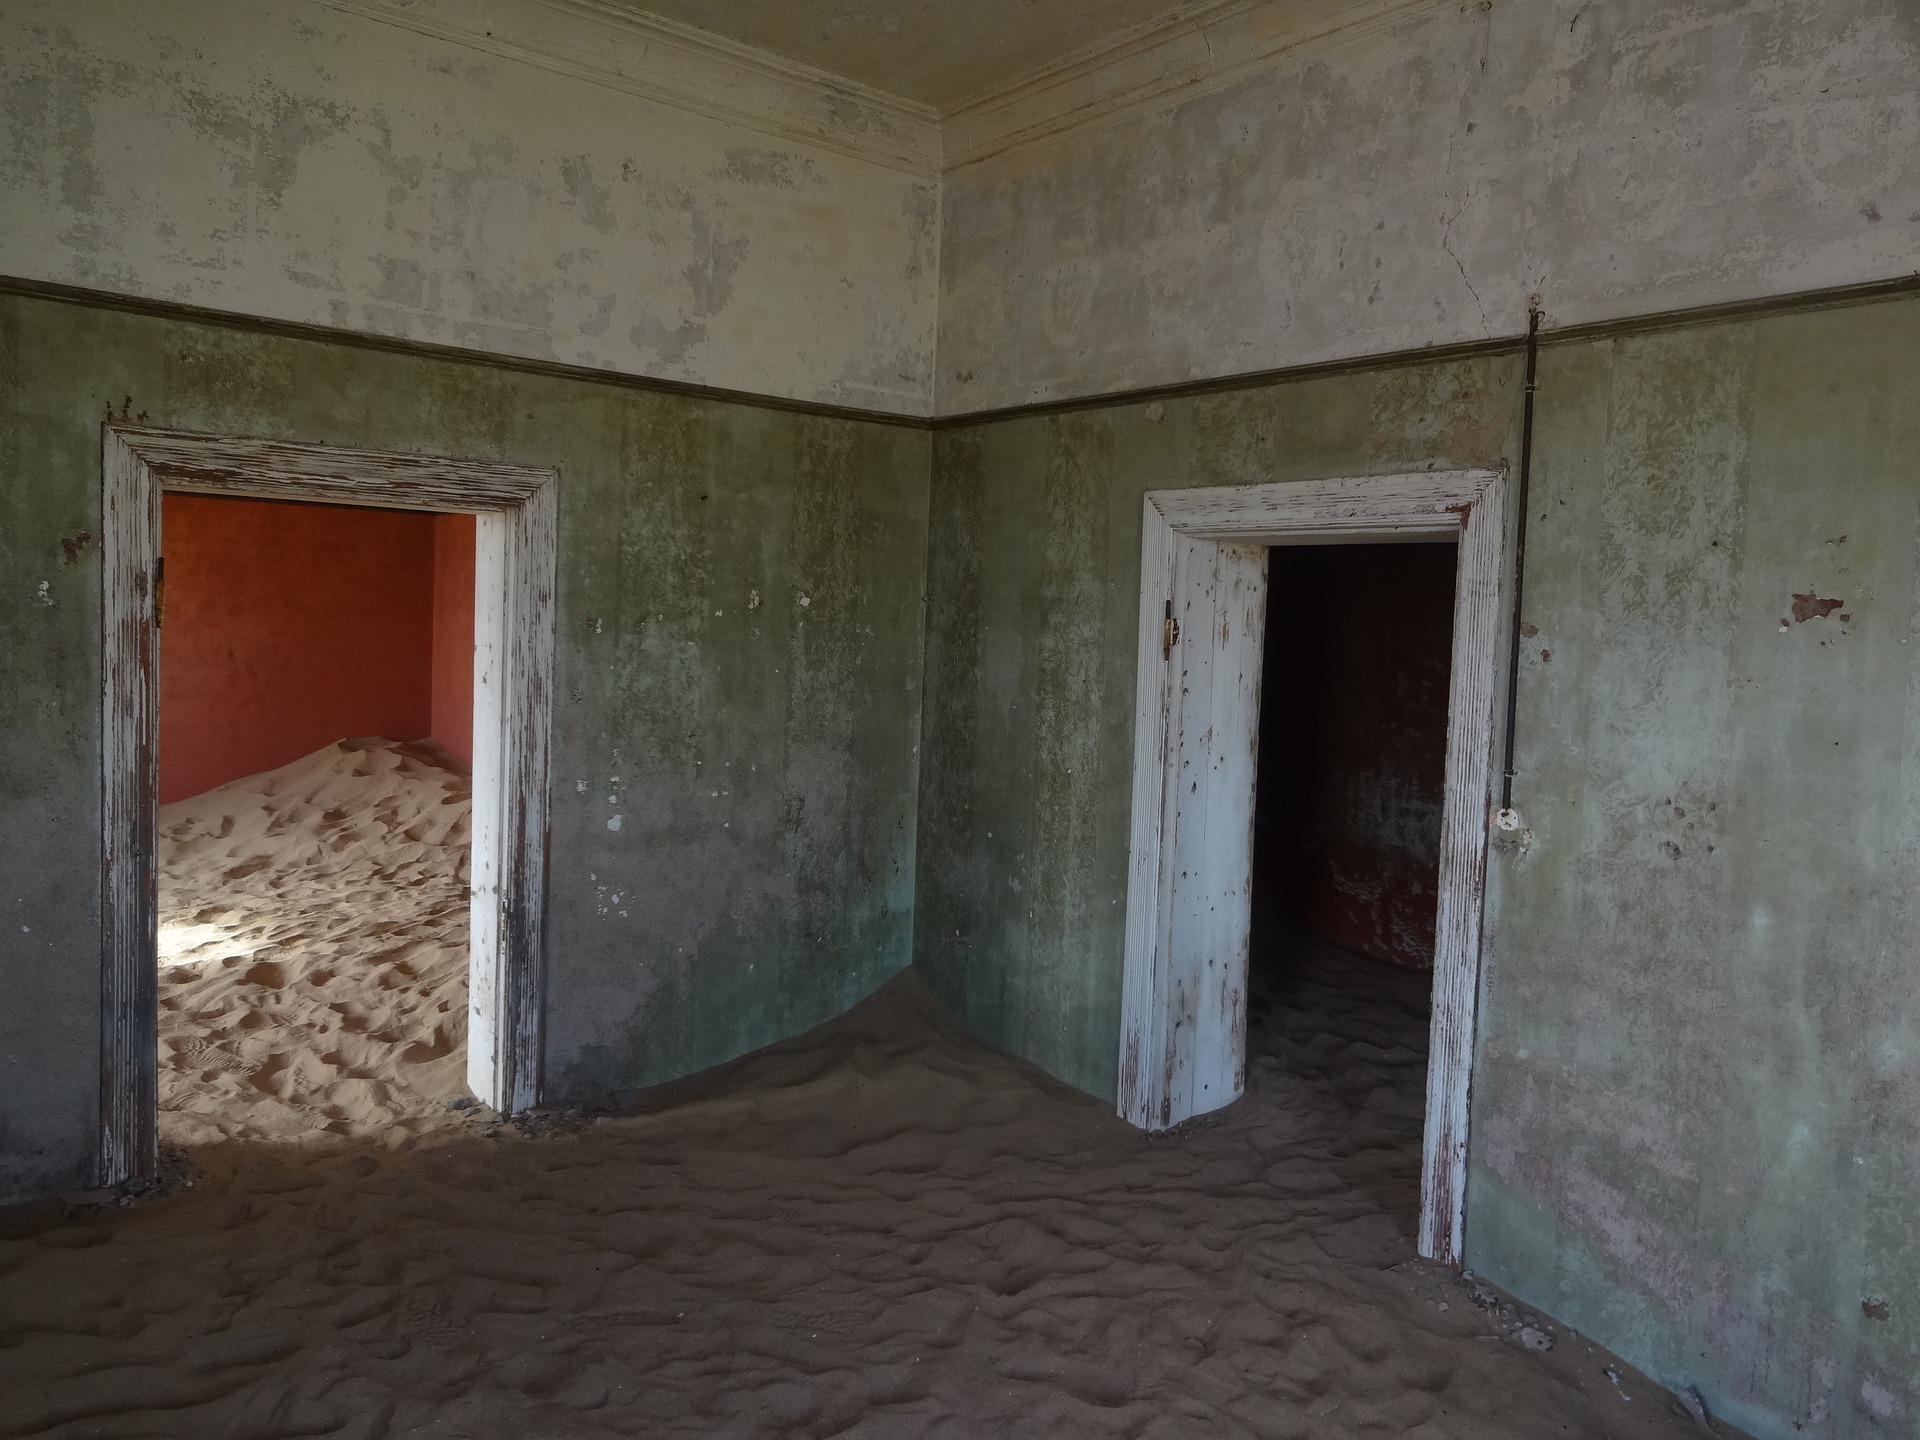 kolmanskop-namibia-pixabay-ghost-town-613180_1920